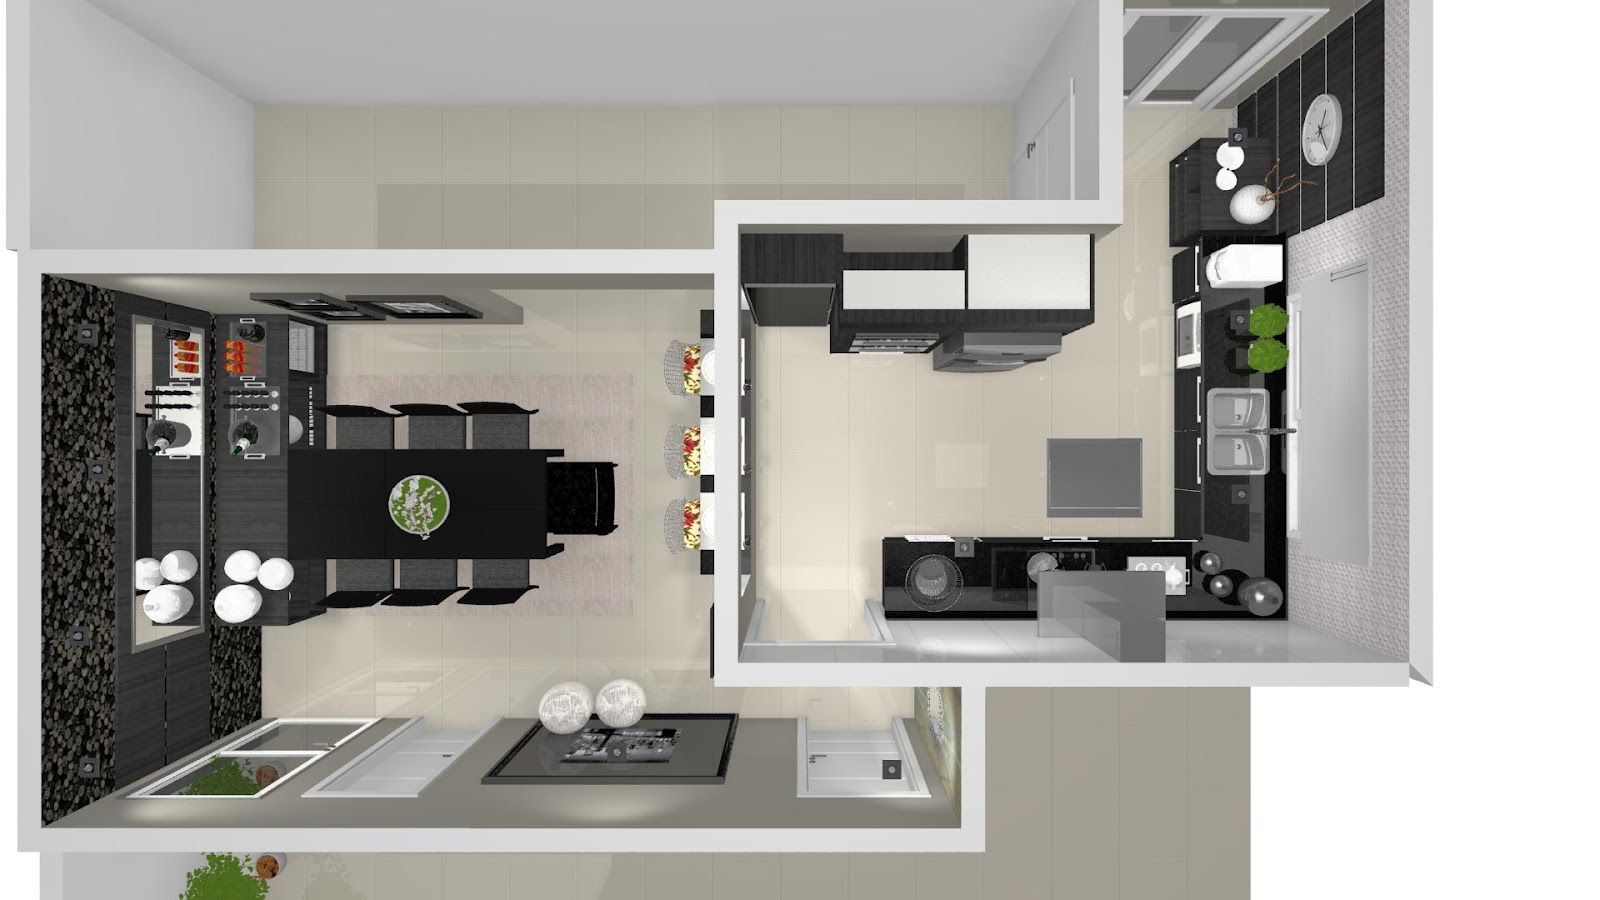 Projeto de sala de jantar e cozinha desenvolvidos com móveis  #4D6822 1600 900